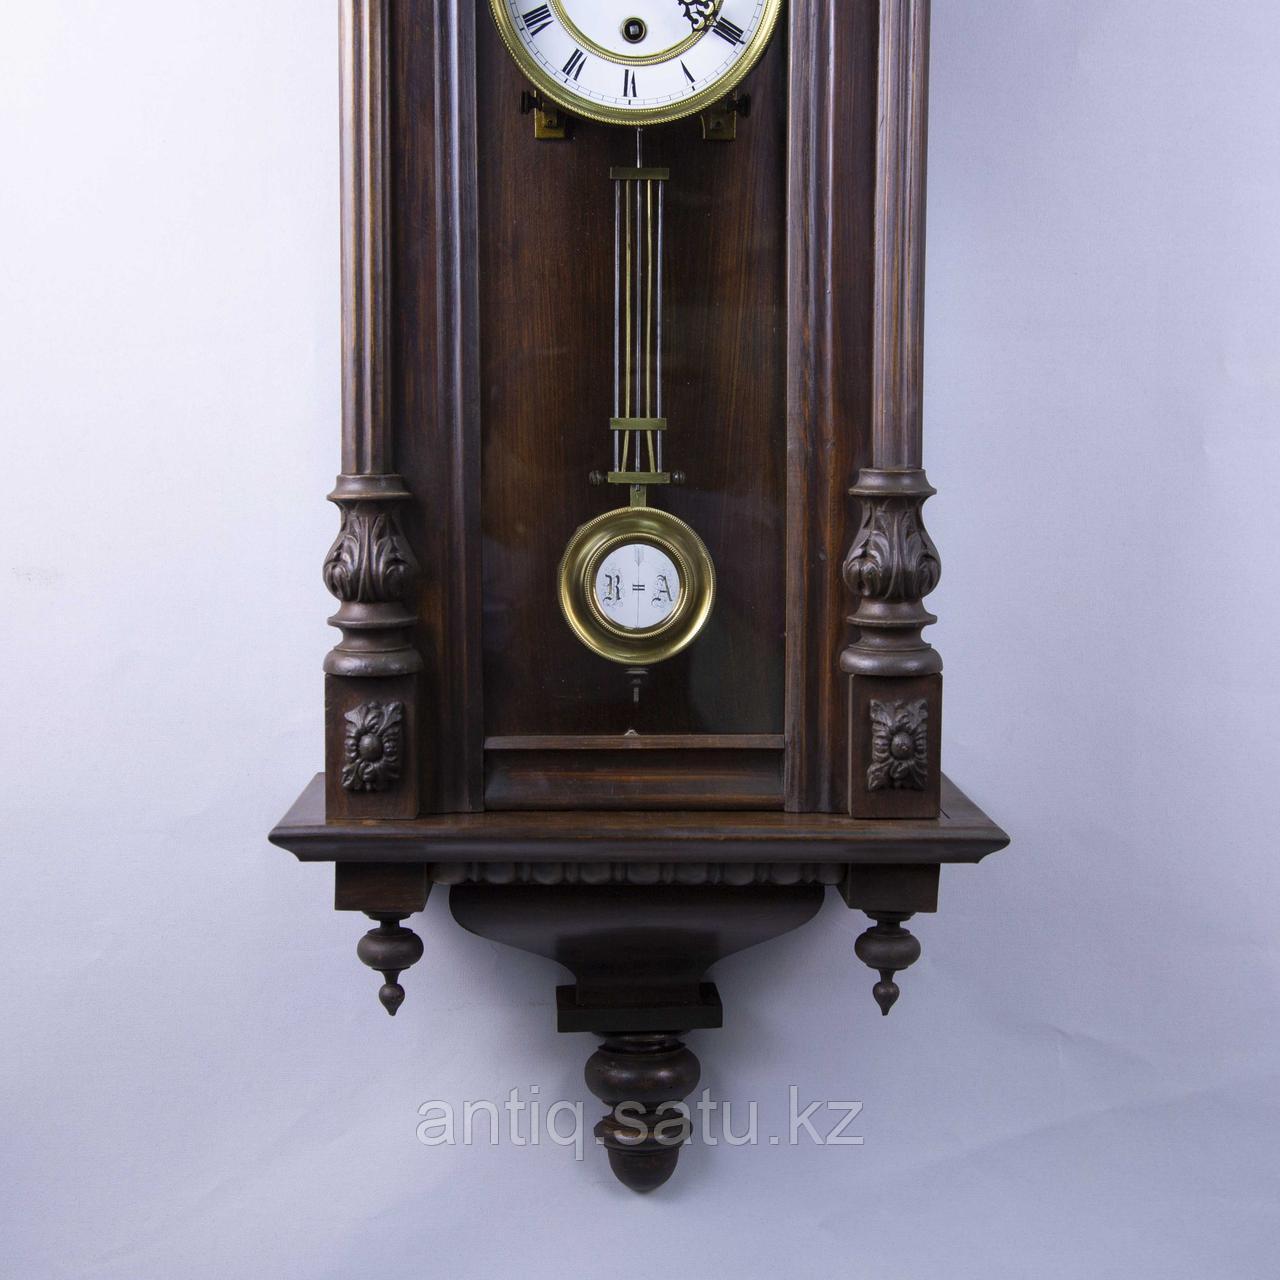 Настенные часы в корпусе классической формы, выполненные из массива дерева. - фото 7